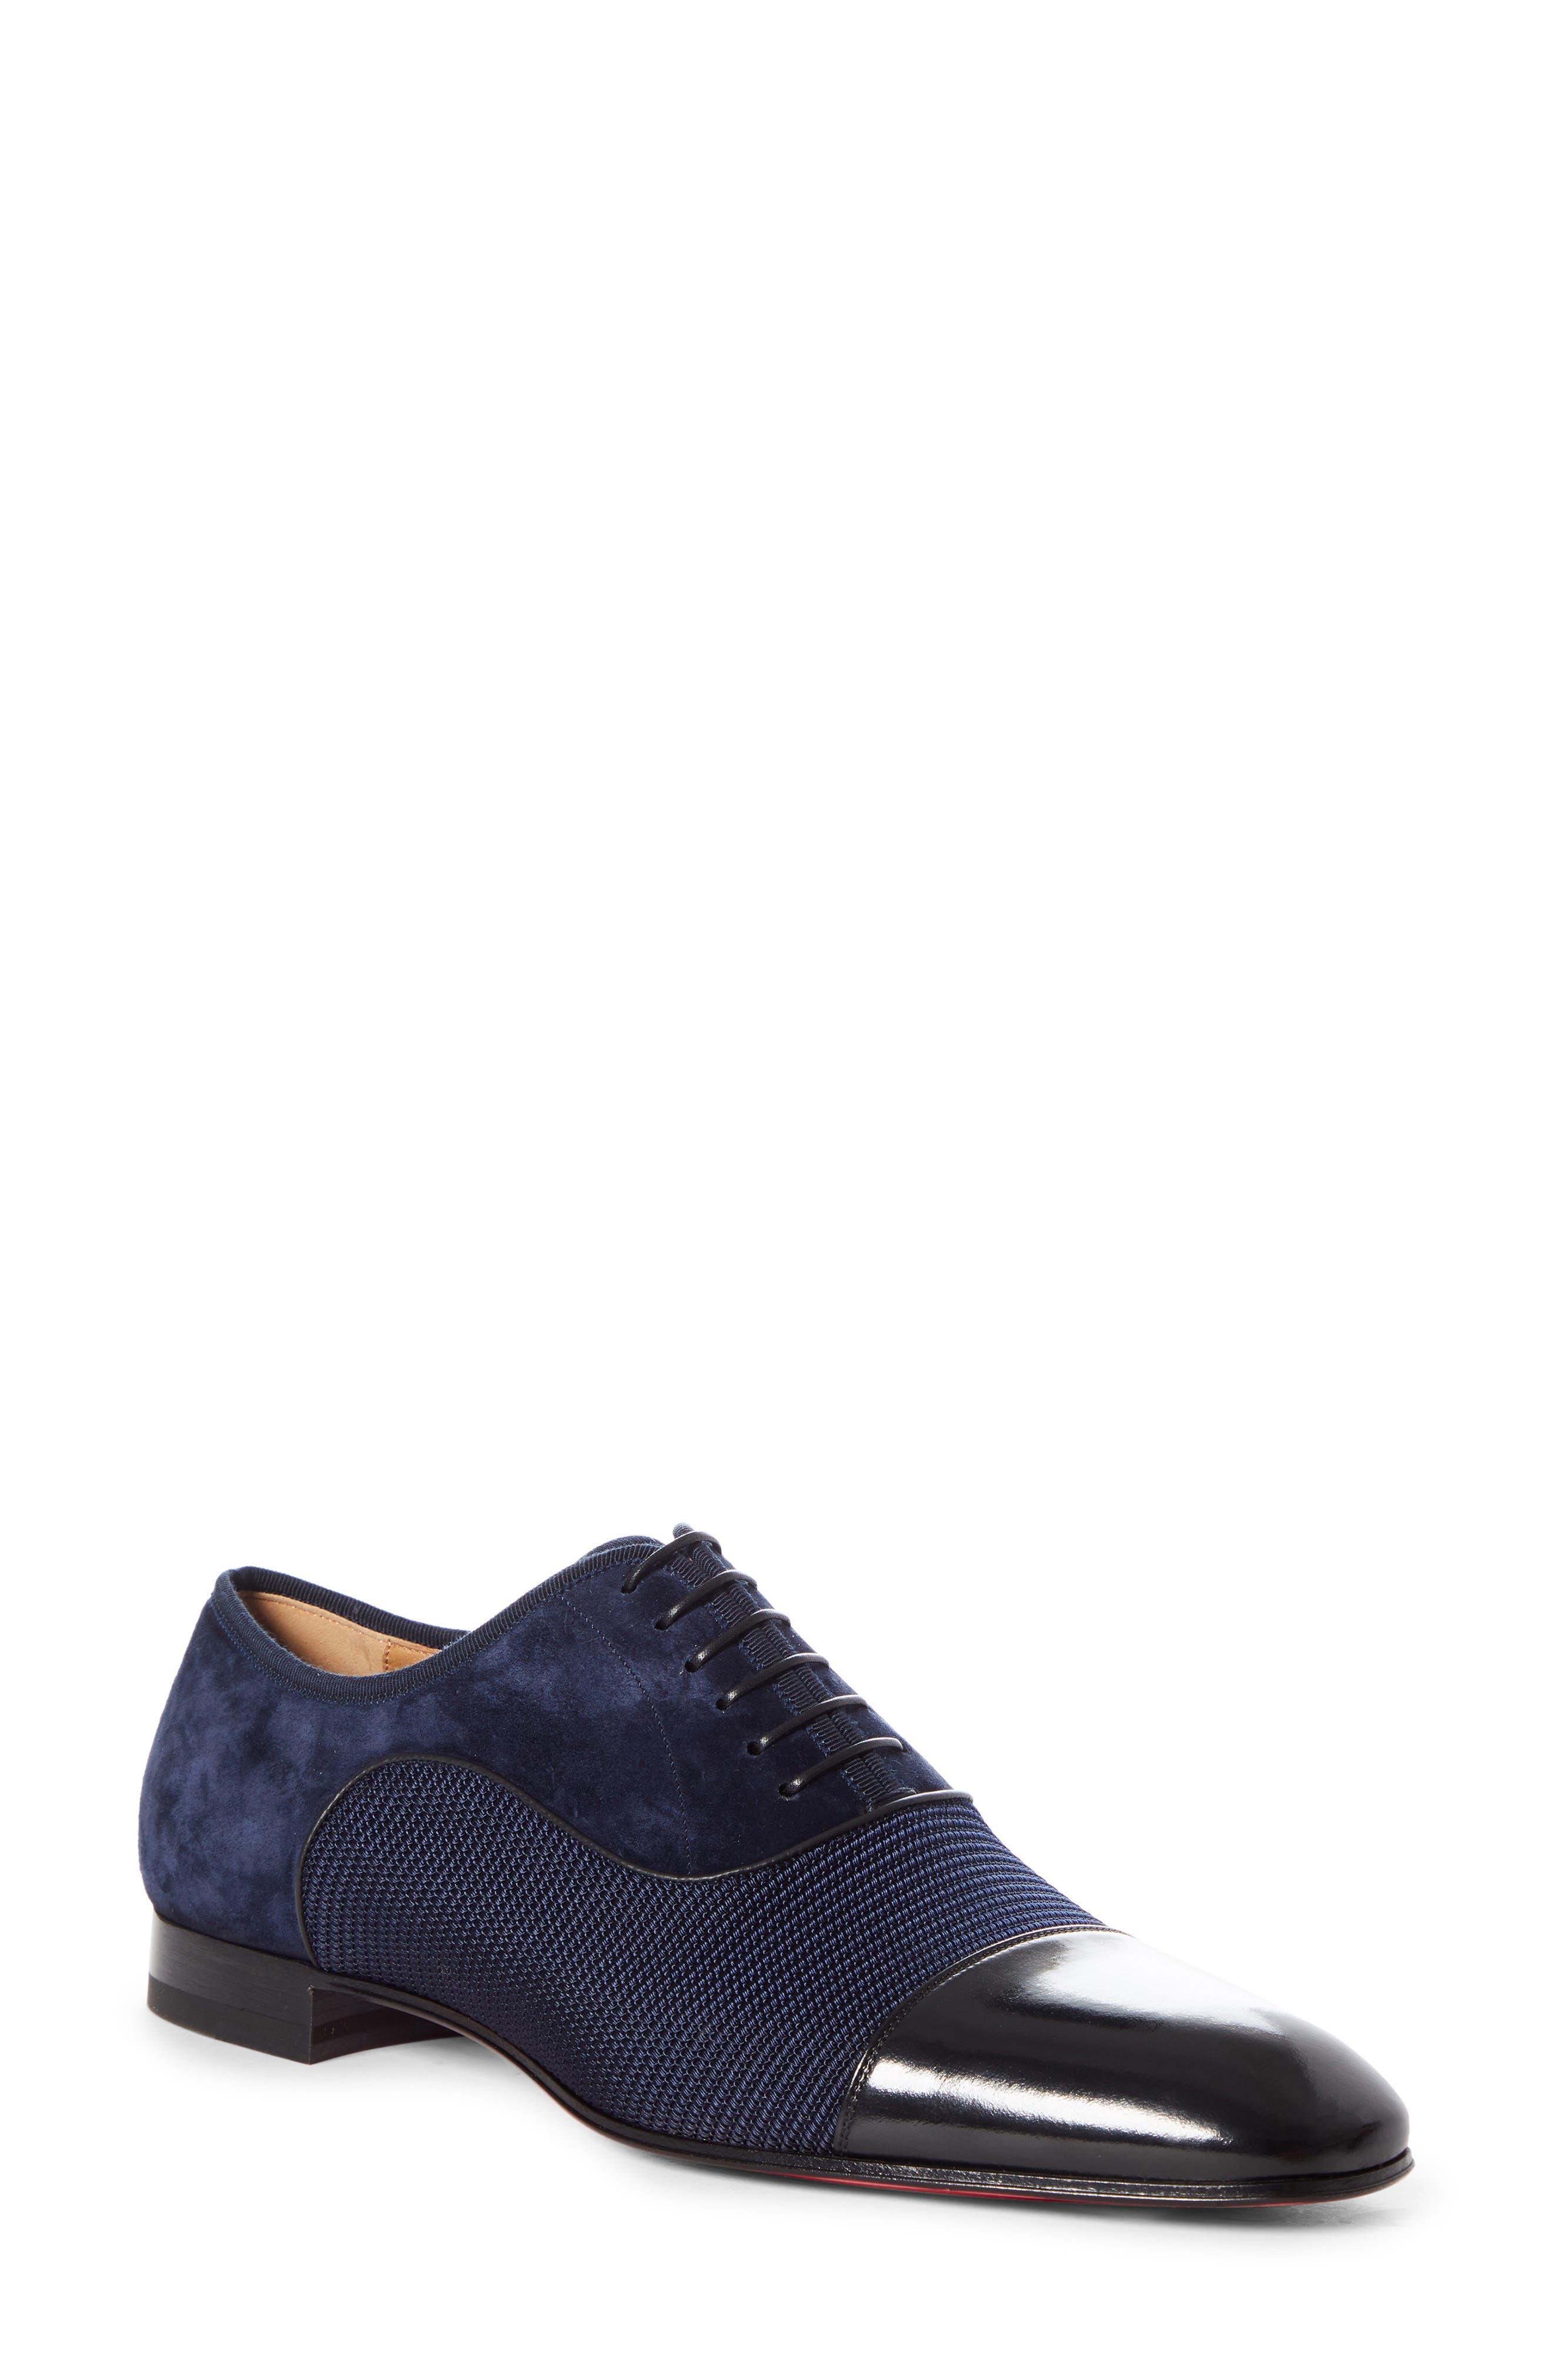 Men's Blue Designer Shoes | Nordstrom